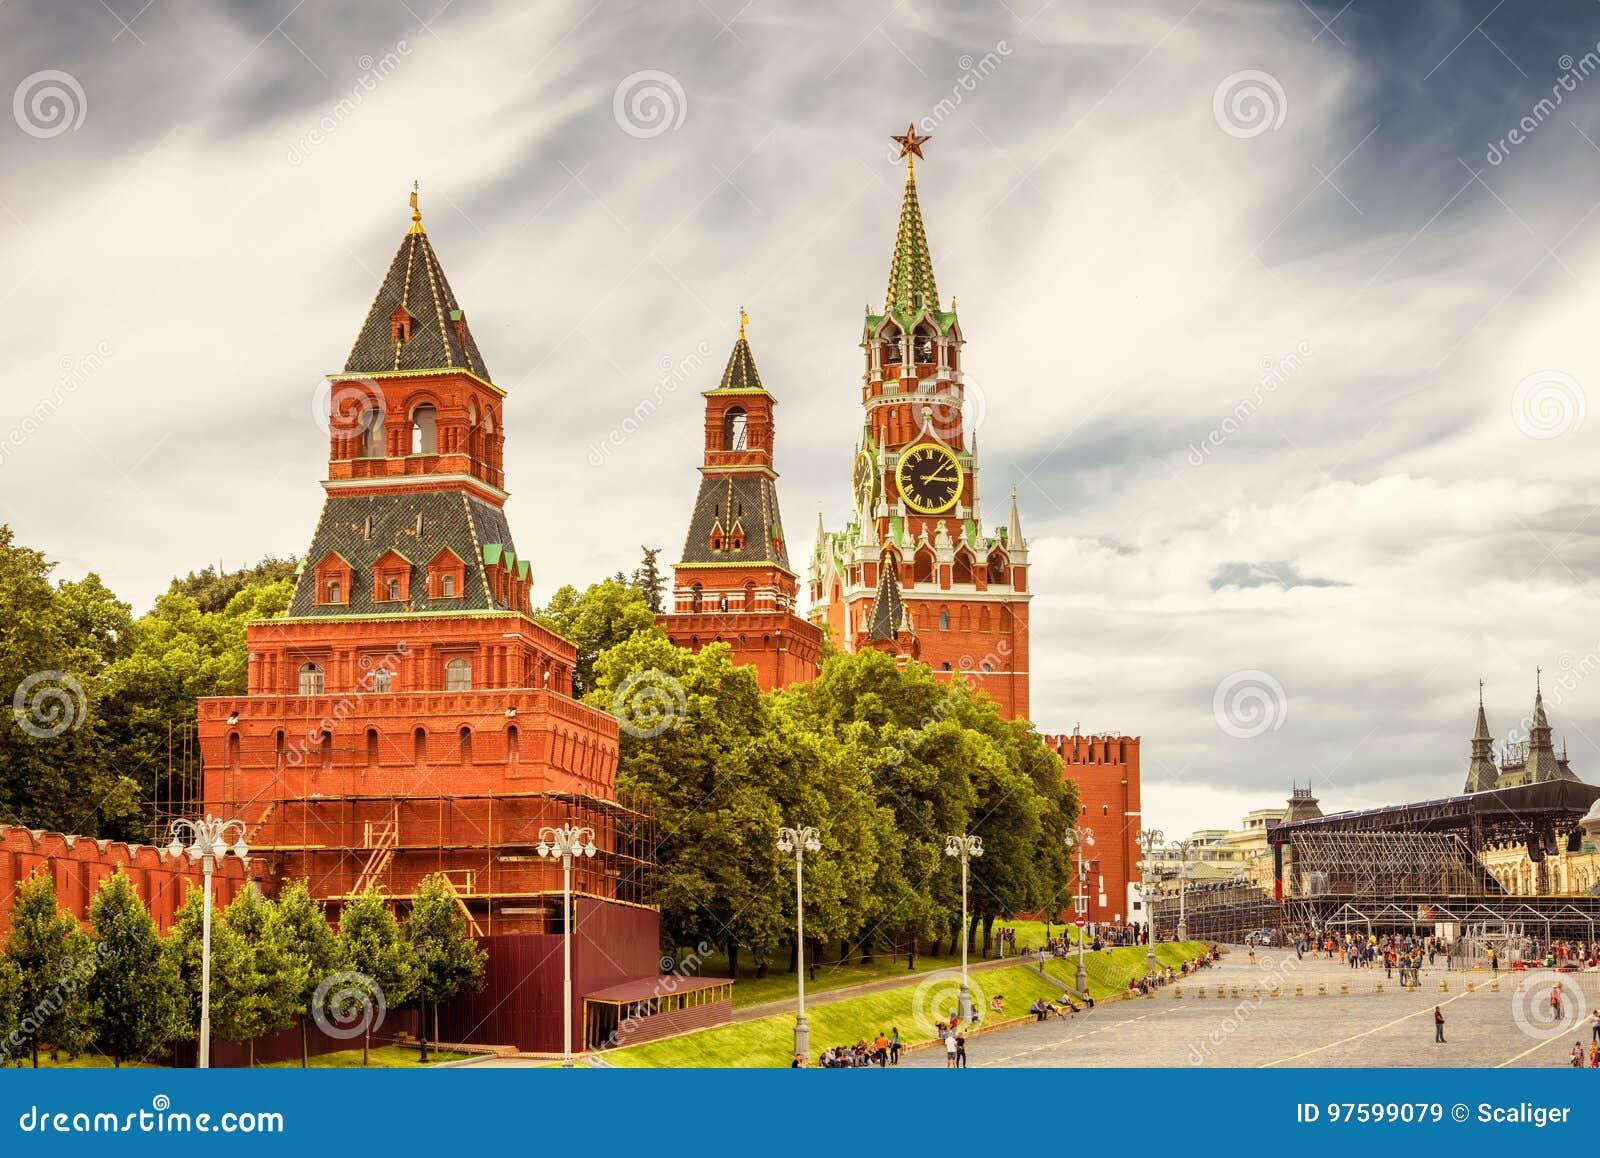 Kremlin de Moscou em Rússia